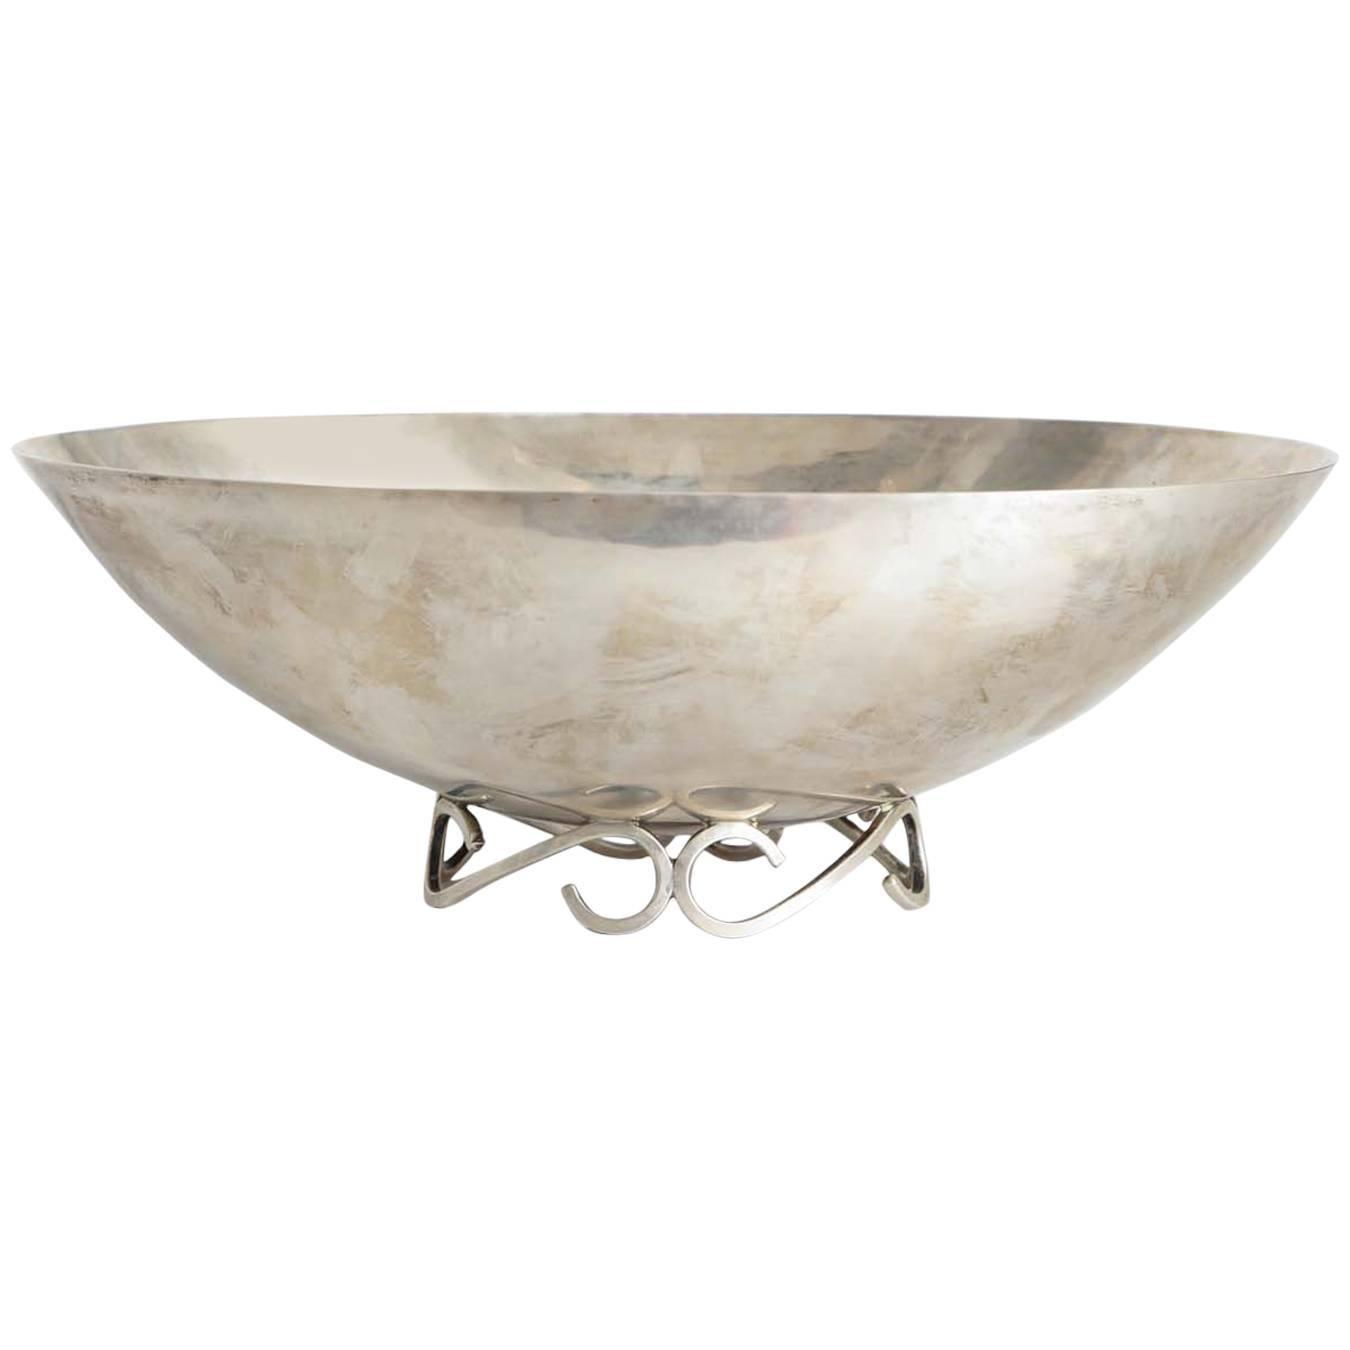 Sterling Silver Modernist Bowl by Sciarotta